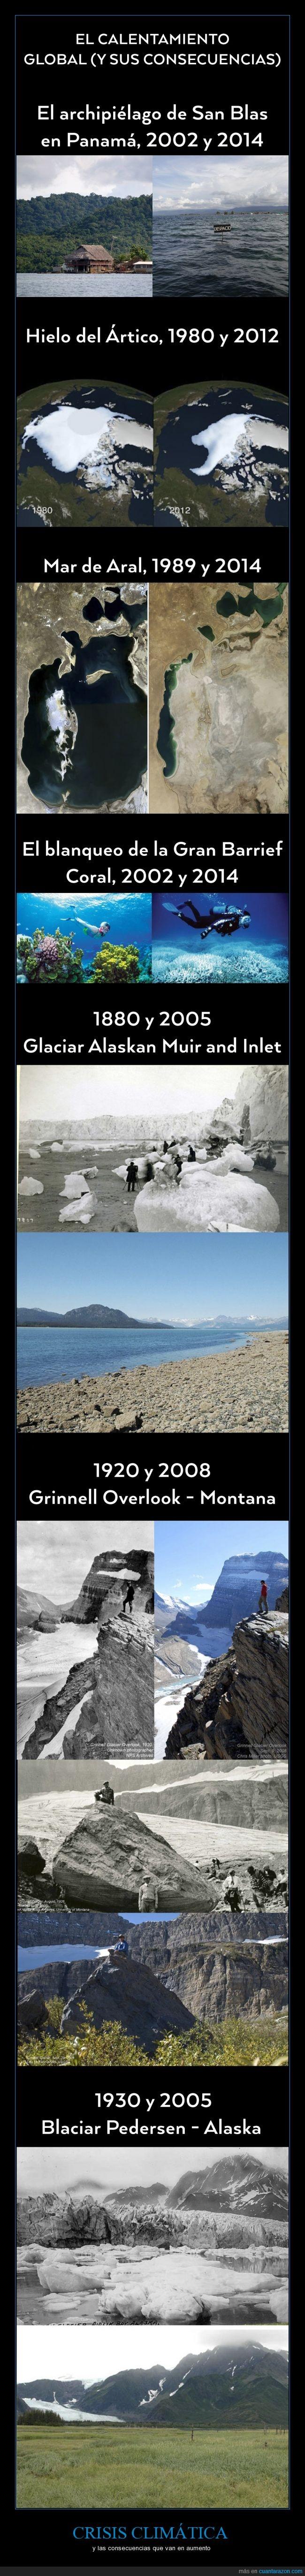 agua,calentamiento global,clima,consecuencias,deshielo,glaciar,montañas,nieve,pradera